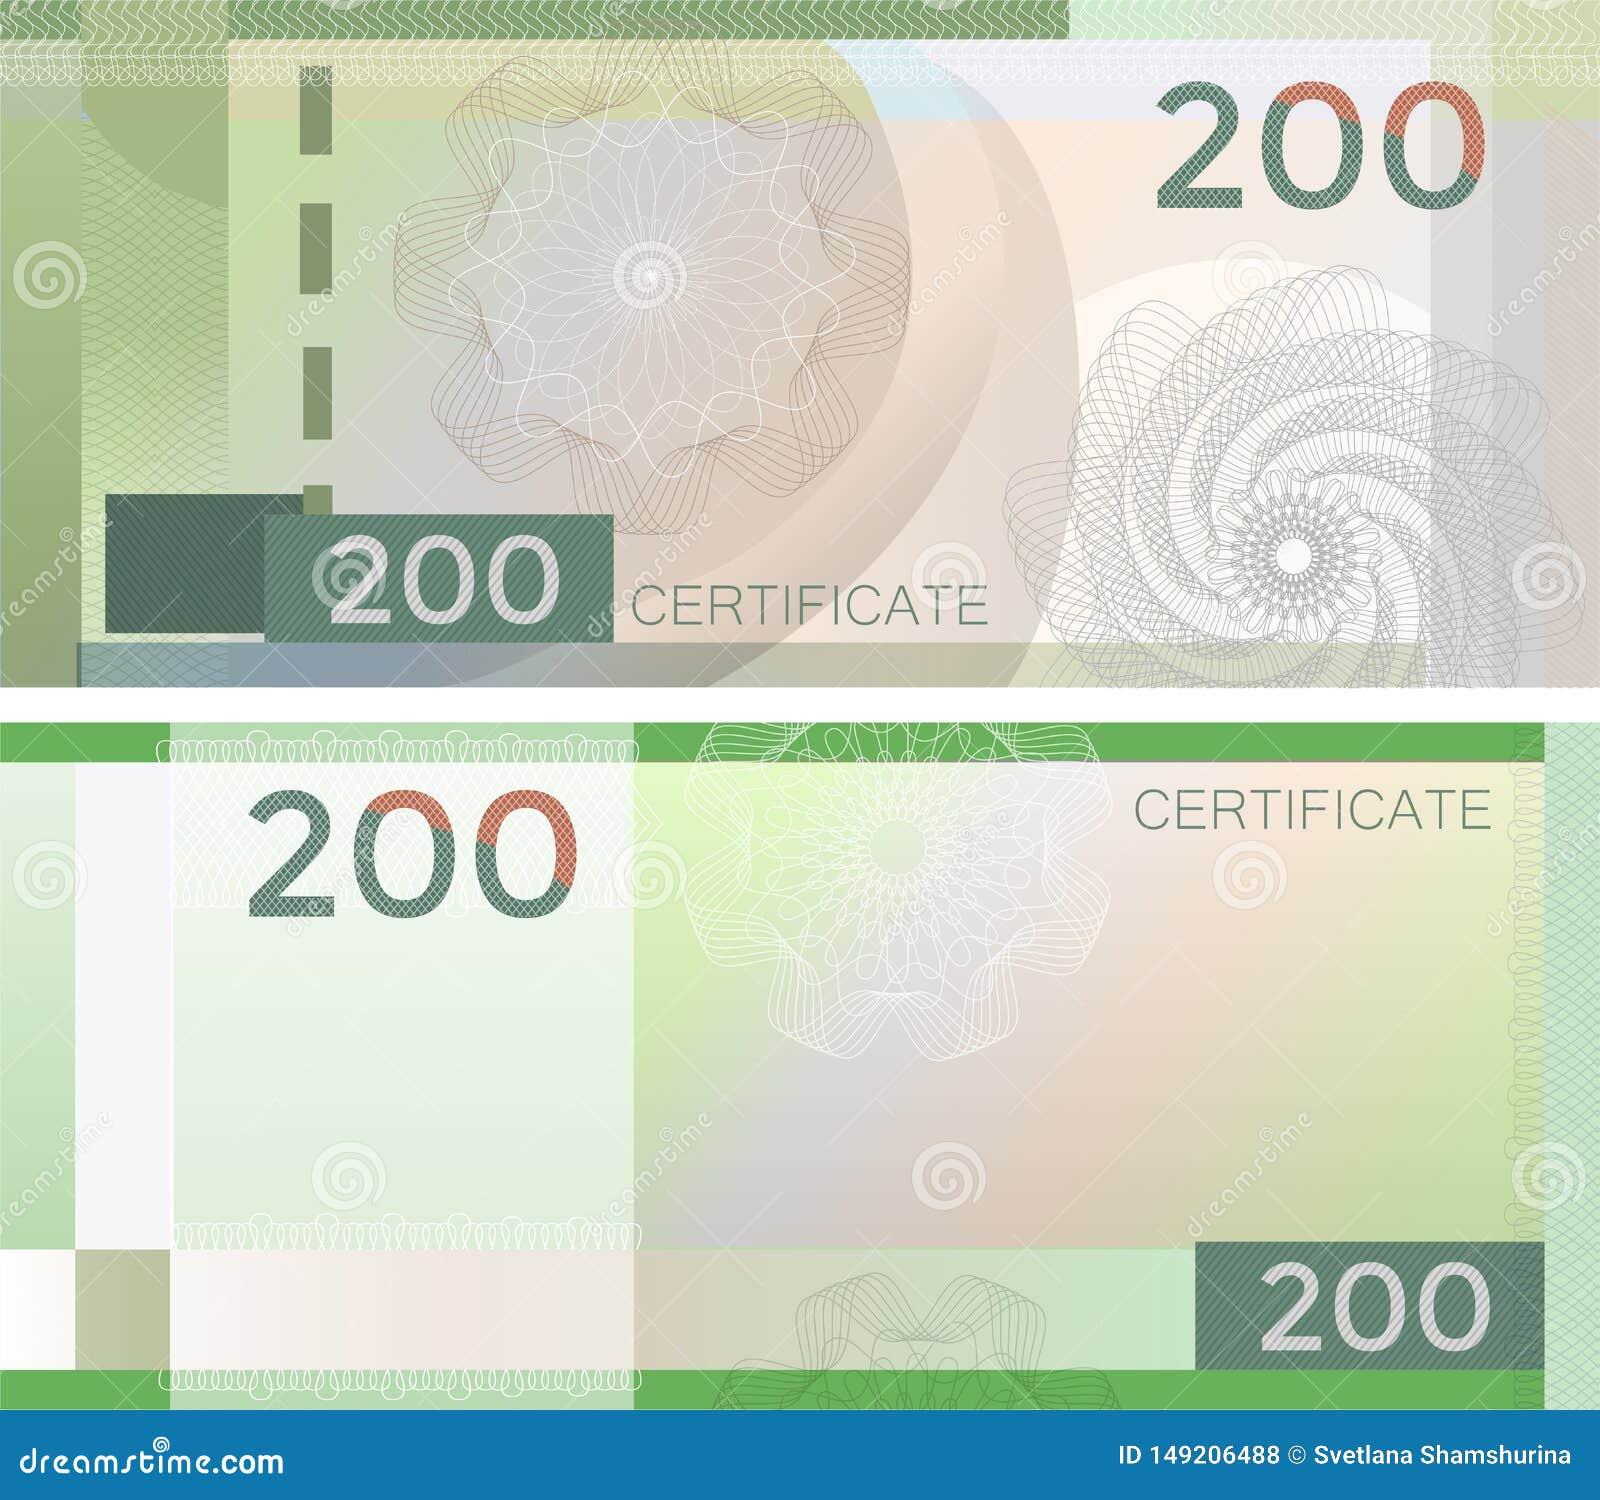 证件与扭索状装饰样式水印和边界的模板钞票200 绿色背景钞票,礼券,优惠券,